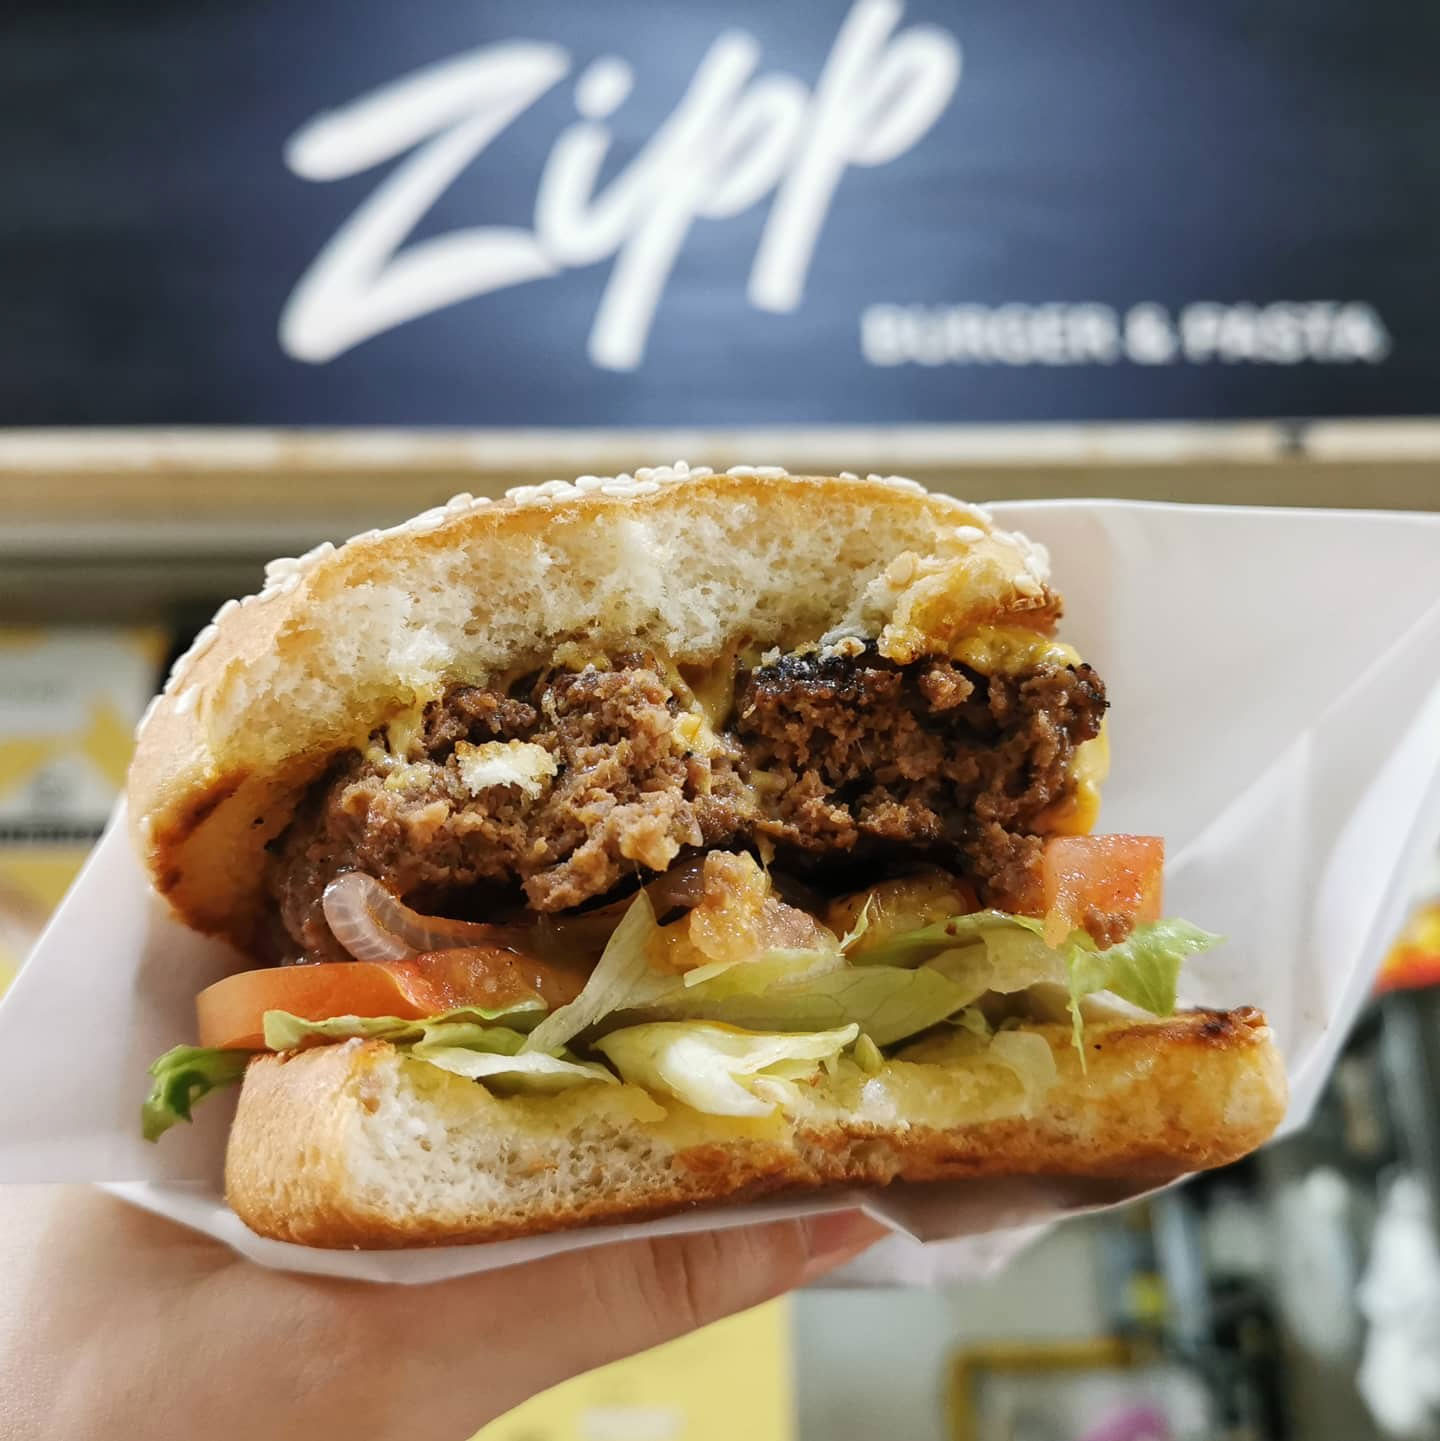 Hawker burger delivery - zipp